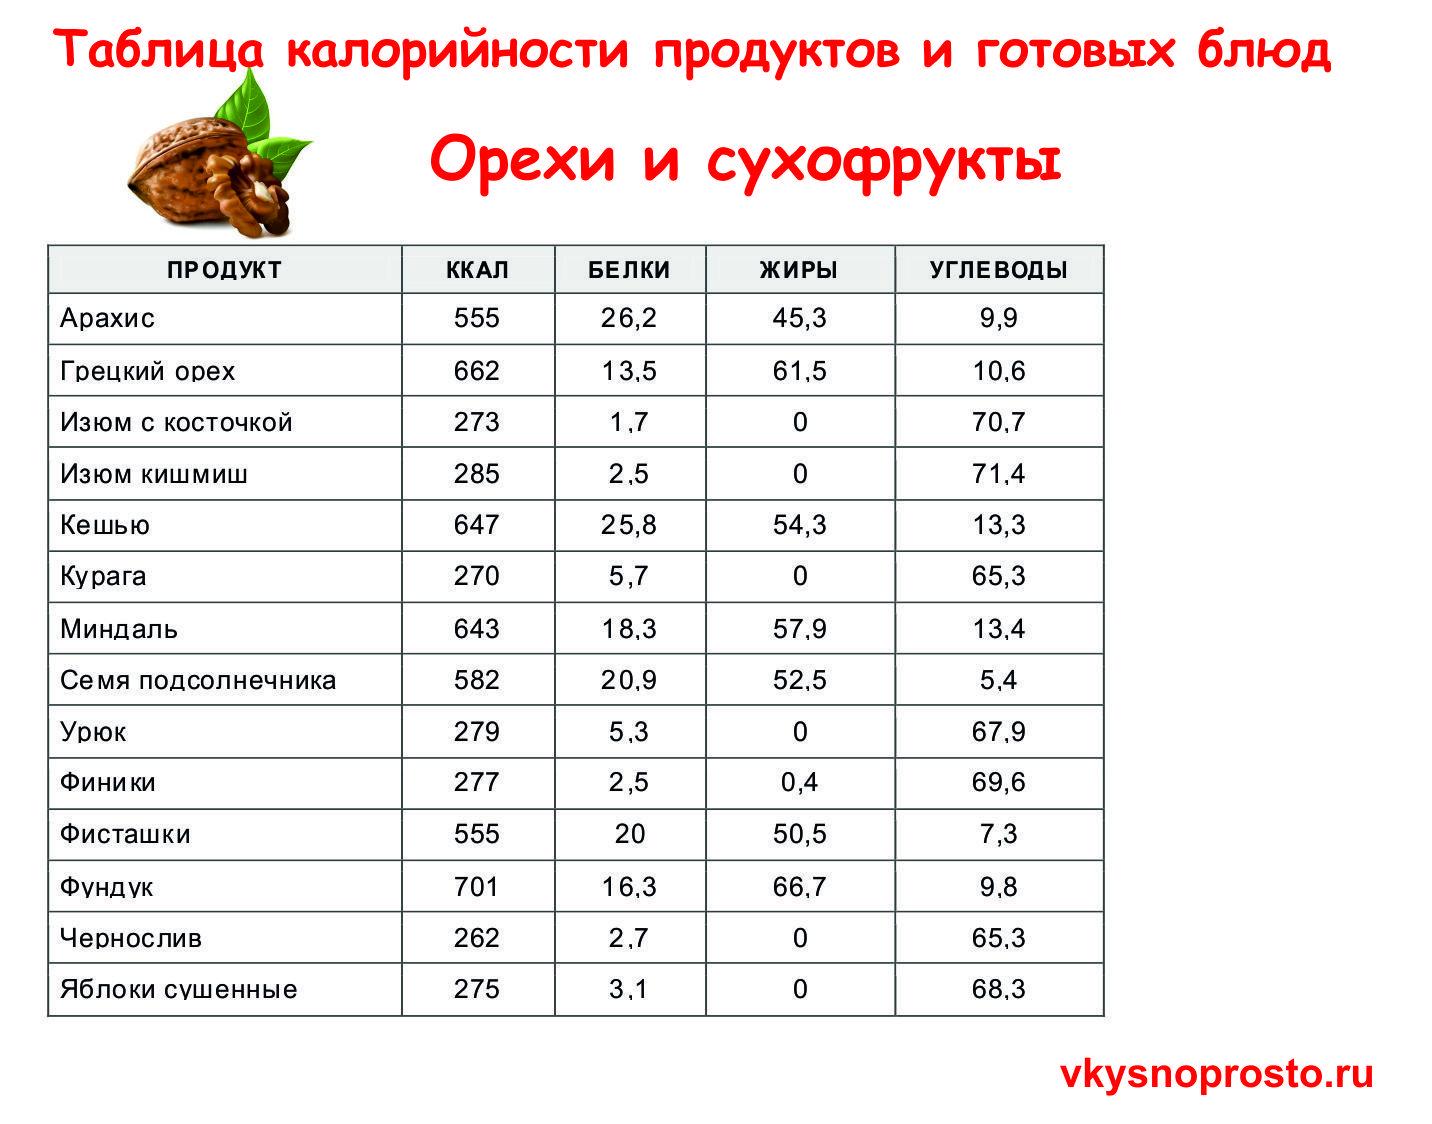 Энергетическая Ценность Продуктов При Похудении. Секреты стройной фигуры. Таблицы калорийности. 50 самых низкокалорийных продуктов.